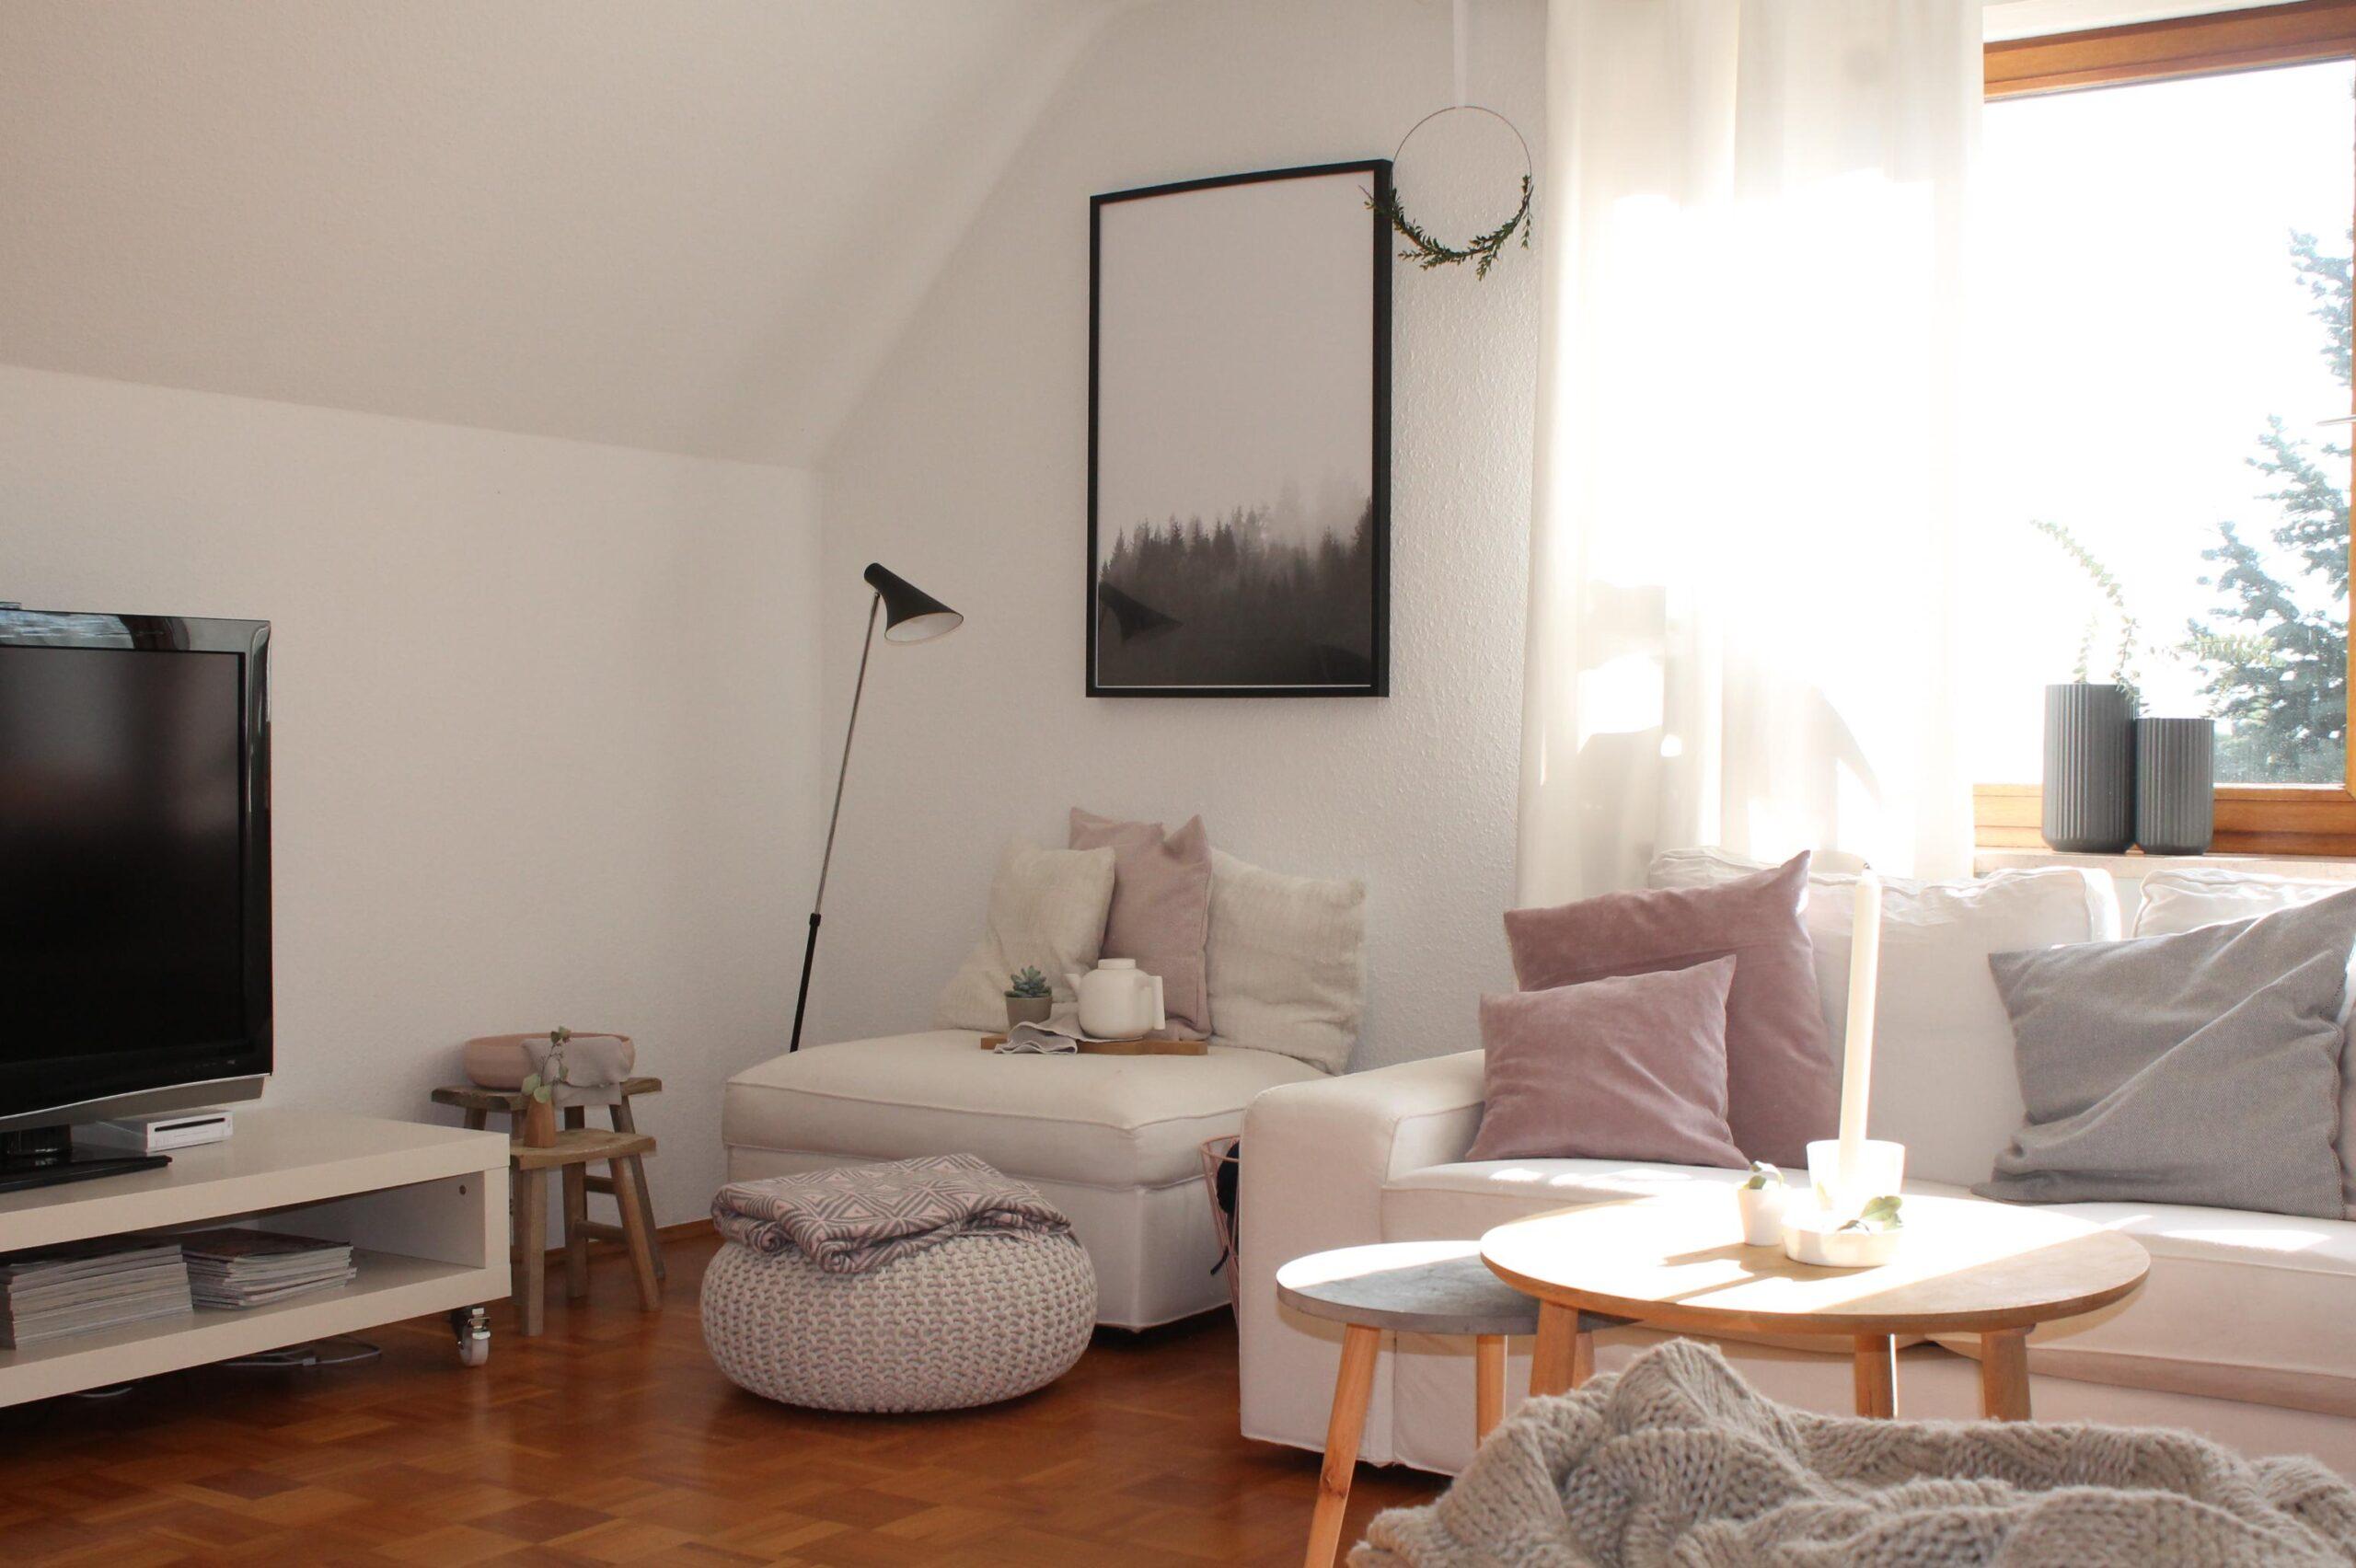 Full Size of Ikea Stehlampen Stehlampe Dimmen Hektar Schirm Papier Lampe Deckenfluter Wohnzimmer Miniküche Modulküche Betten 160x200 Küche Kosten Sofa Mit Schlaffunktion Wohnzimmer Ikea Stehlampen